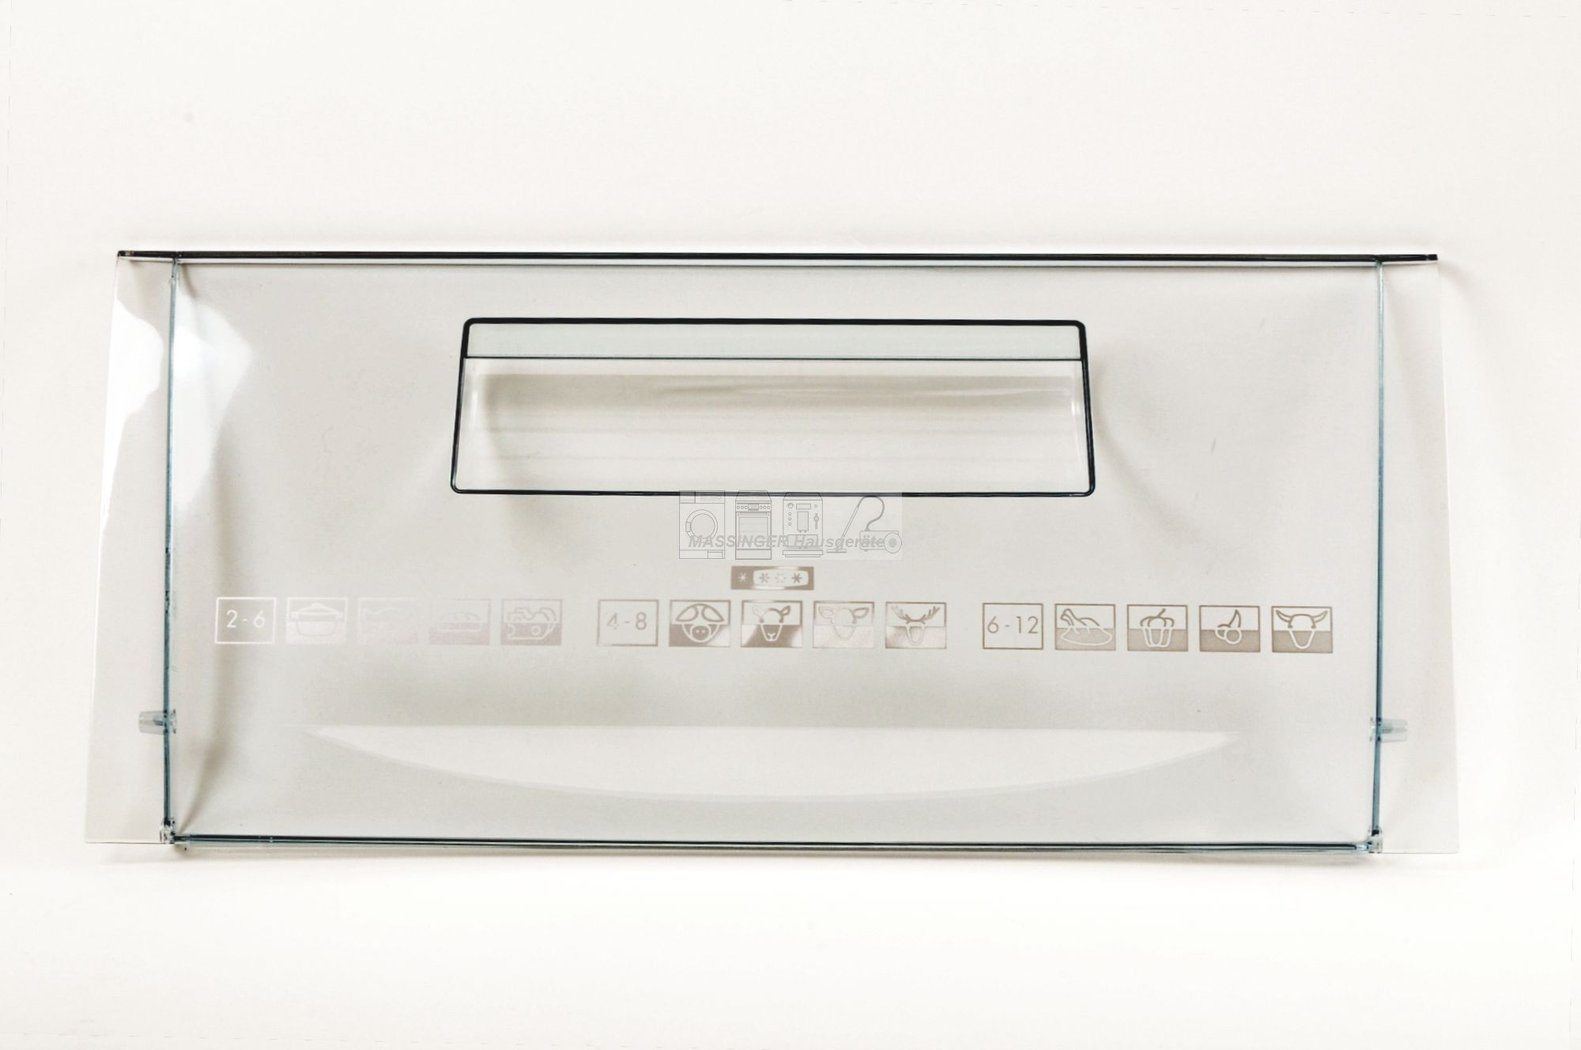 b ware privileg aeg gefrierschrank klappe abdeckung 2271043511. Black Bedroom Furniture Sets. Home Design Ideas